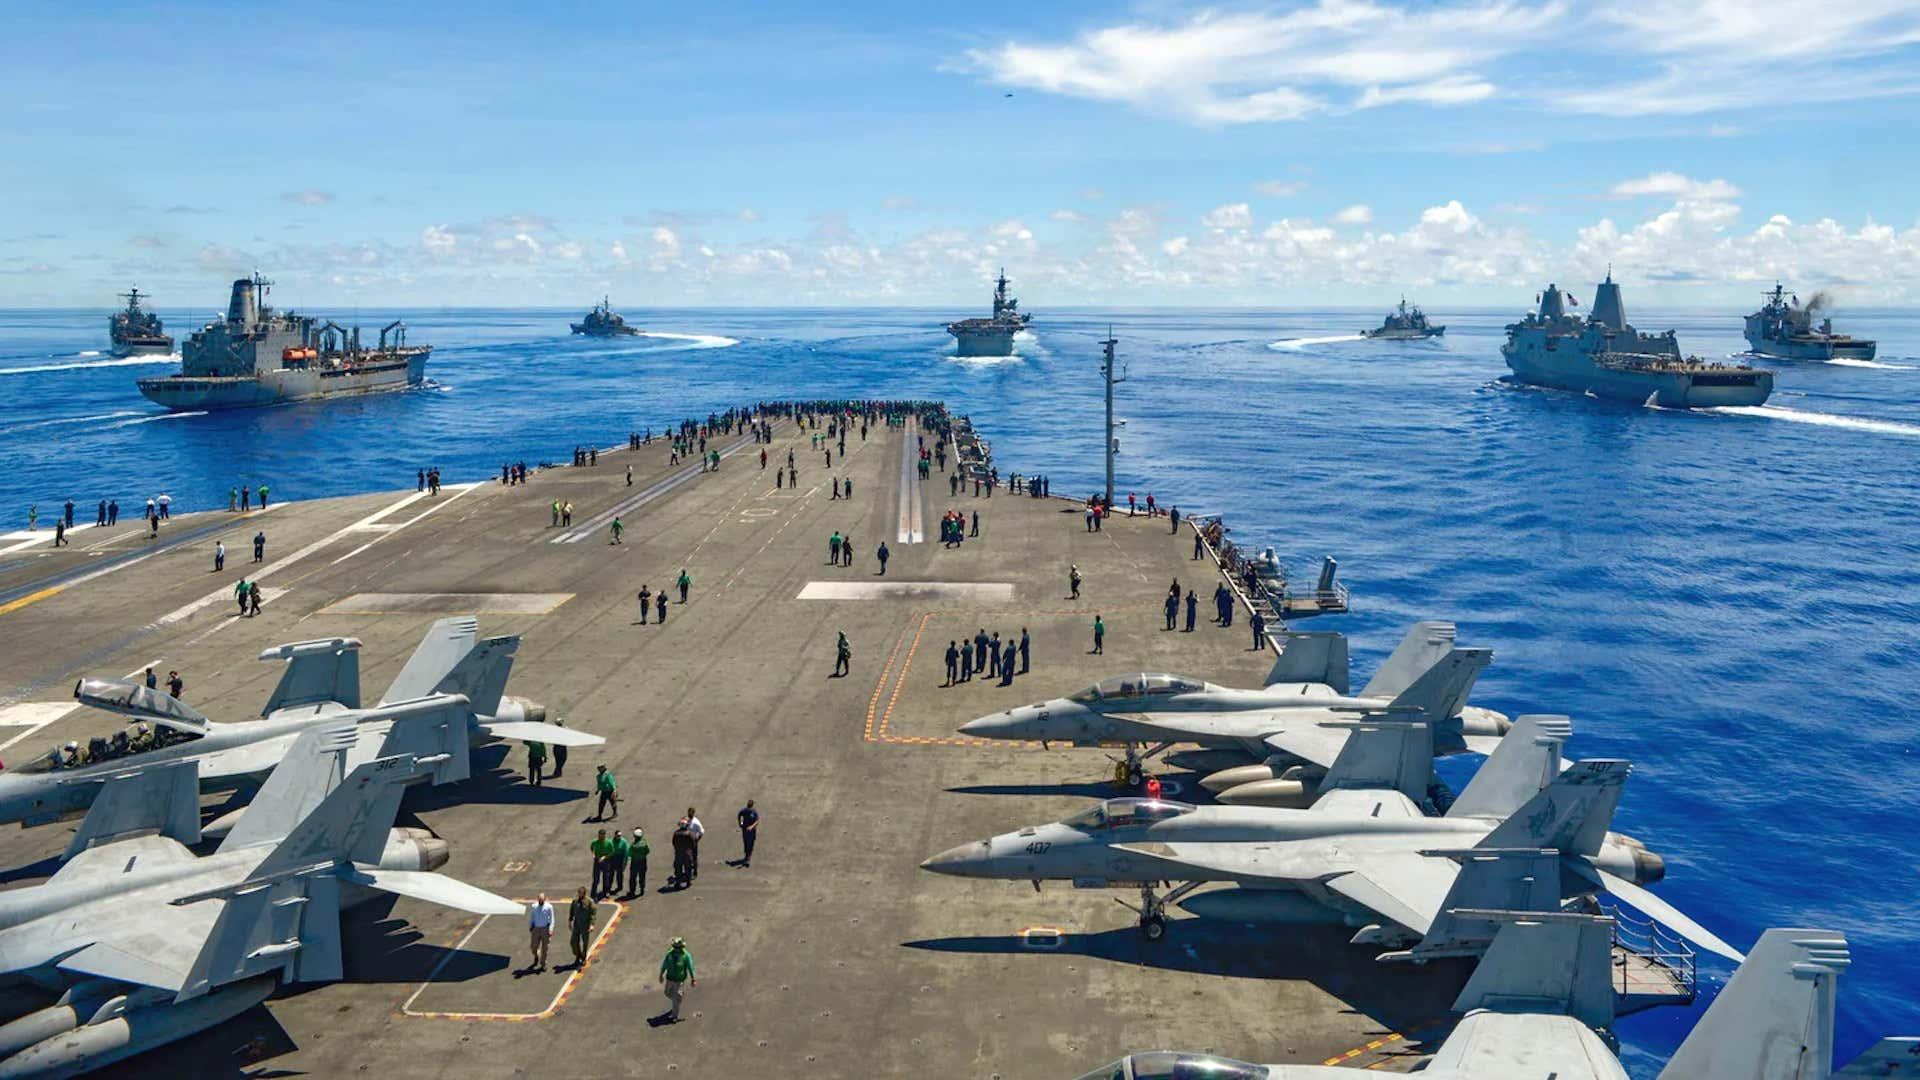 Αντιδράσεις προκάλεσε Αξιωματικός των ΗΠΑ: Μακάρι η Κίνα να αναπτύσσει βαλλιστικούς πυραύλους [pics,vid]